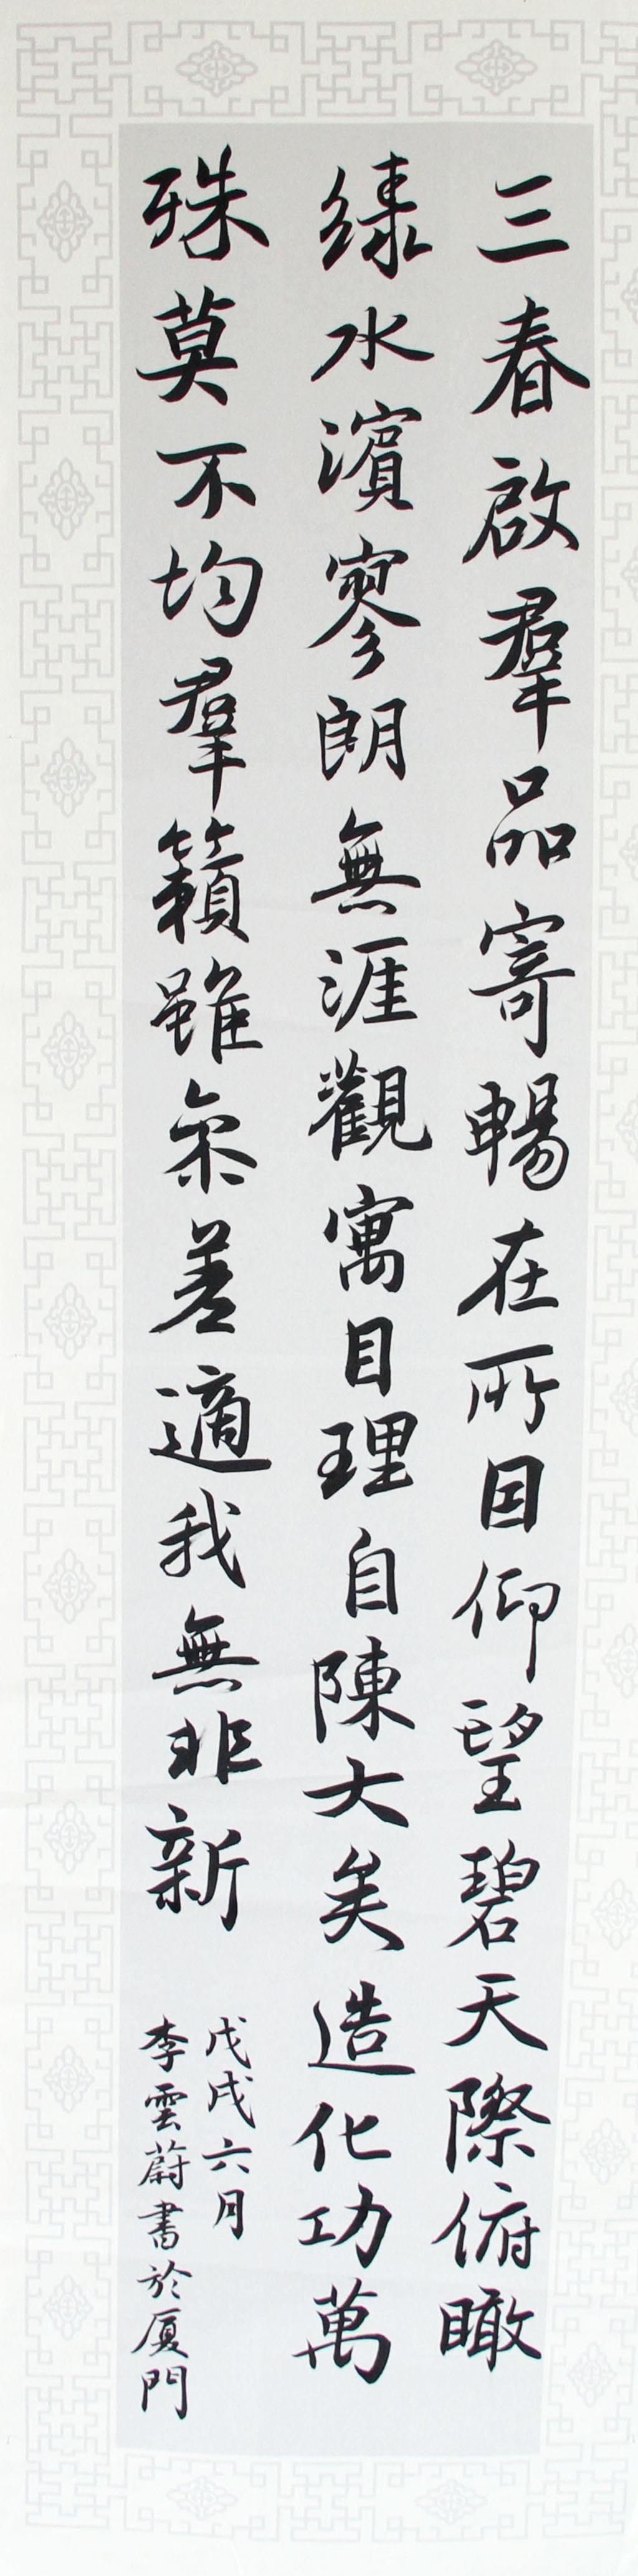 李云蔚 中学组二等奖